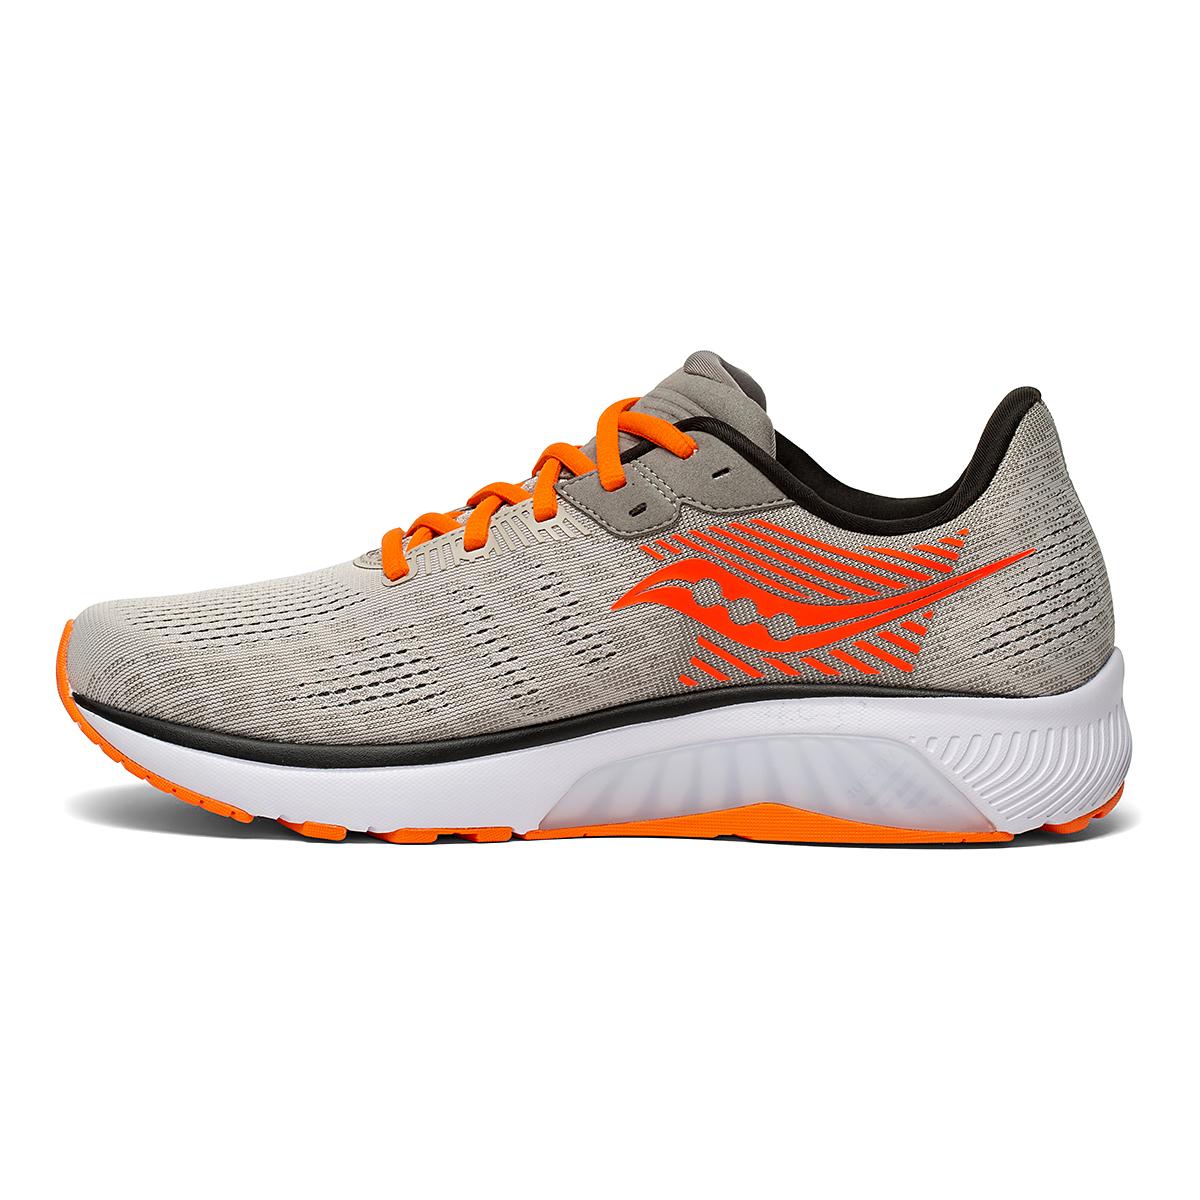 Men's Saucony Guide 14 Running Shoe - Color: Jackalope - Size: 7 - Width: Regular, Jackalope, large, image 2